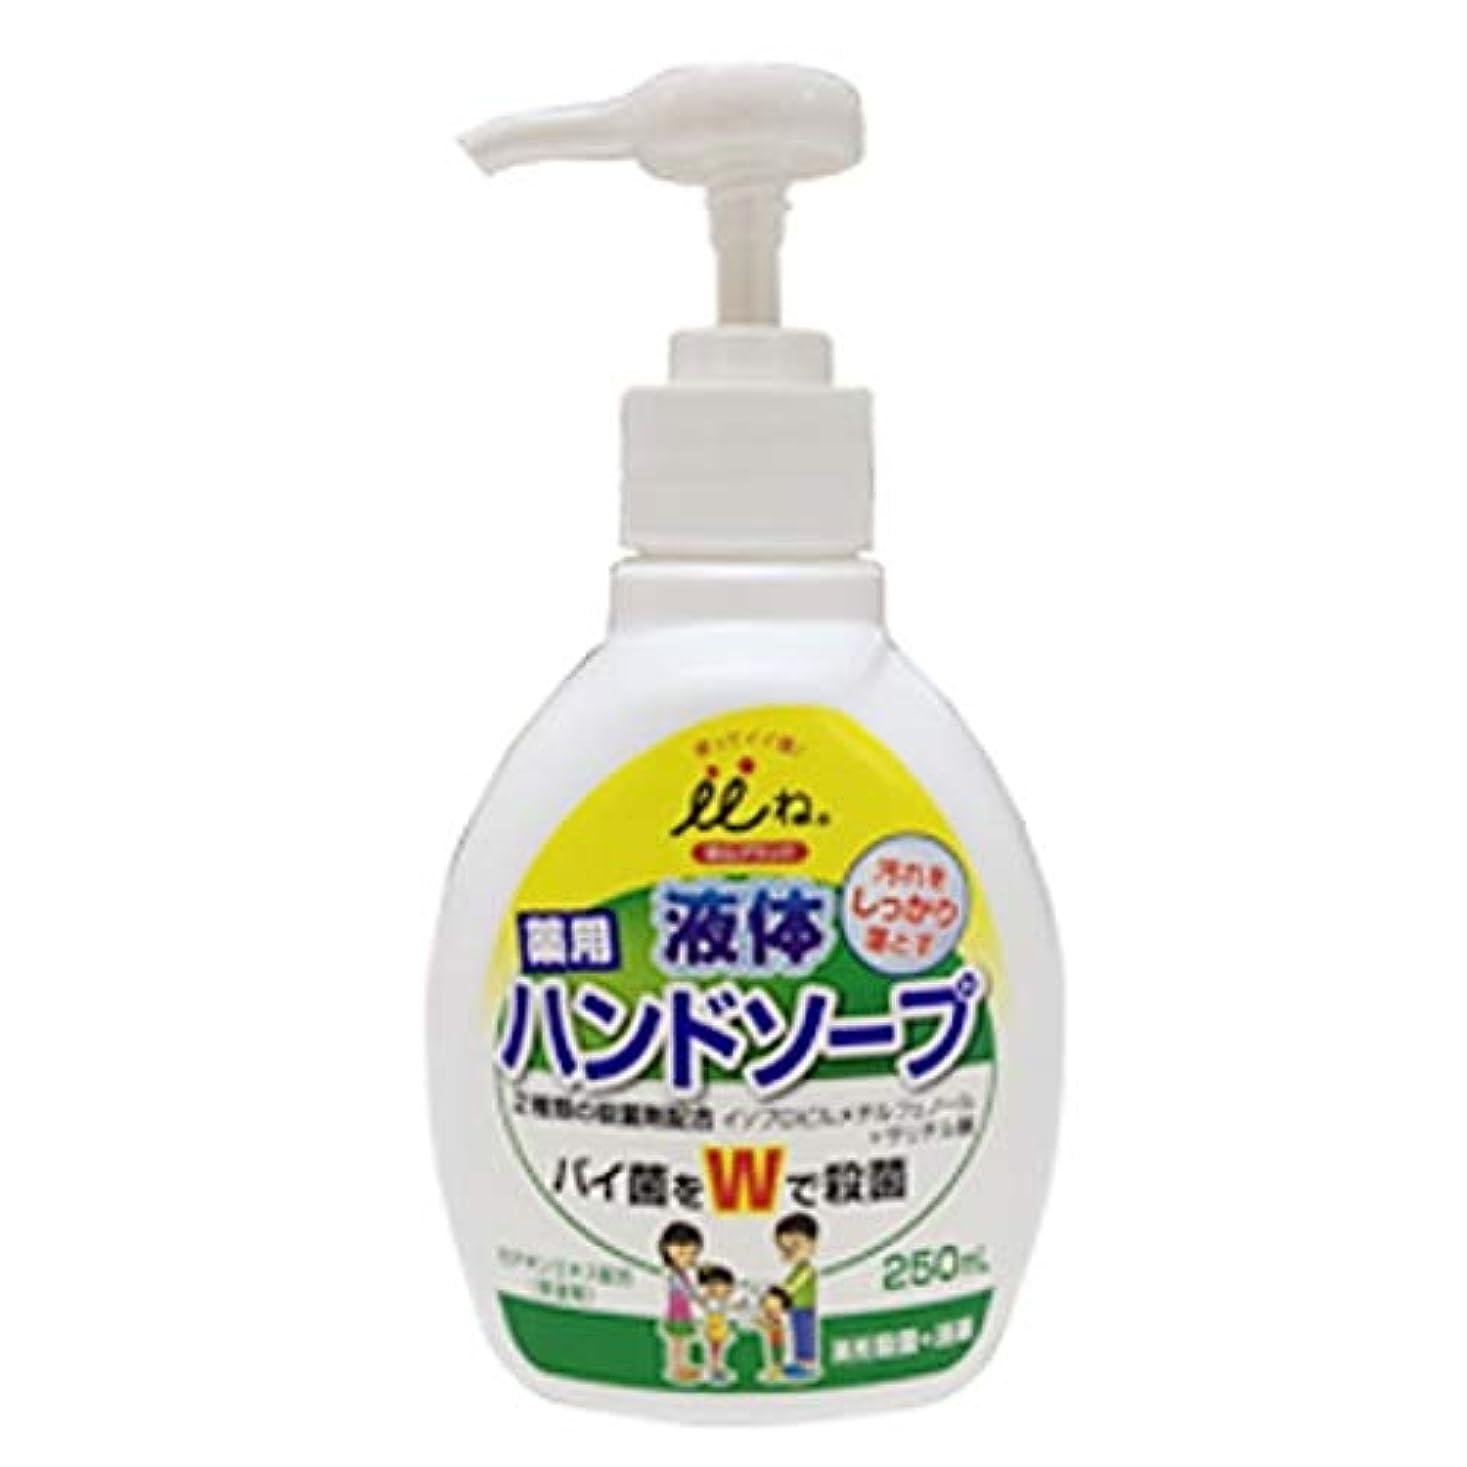 塩辛い虫を数える伝統いいね。W殺菌 薬用ハンドソープ 本体 250ML